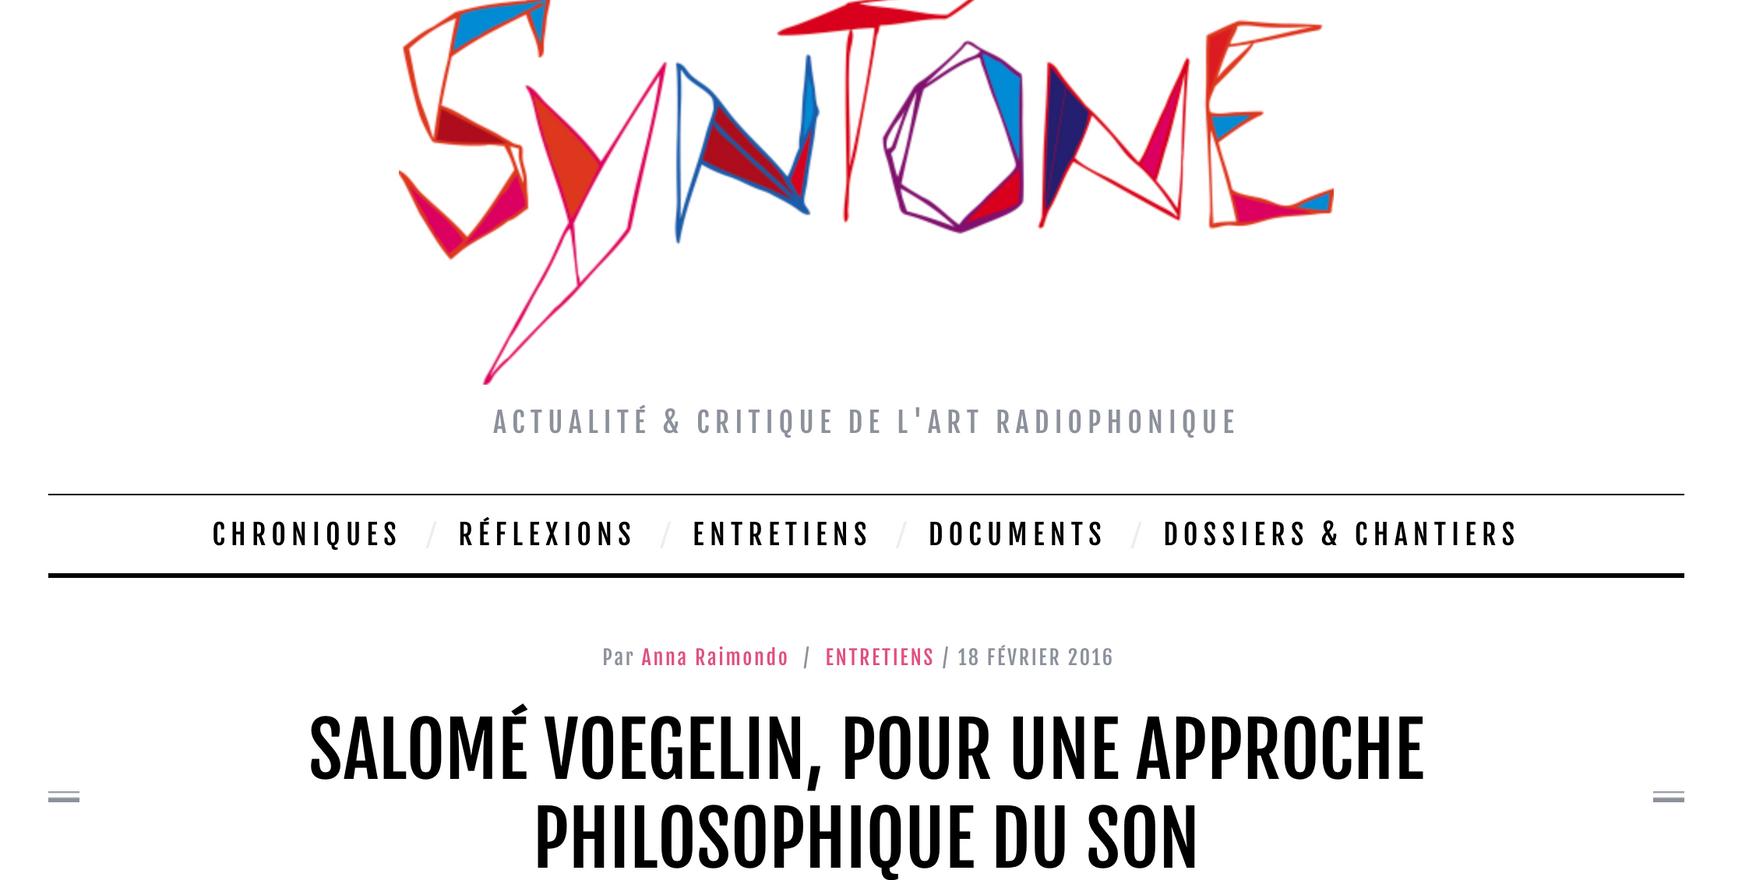 Syntone: Pour Une Approche Philosophique Du Son